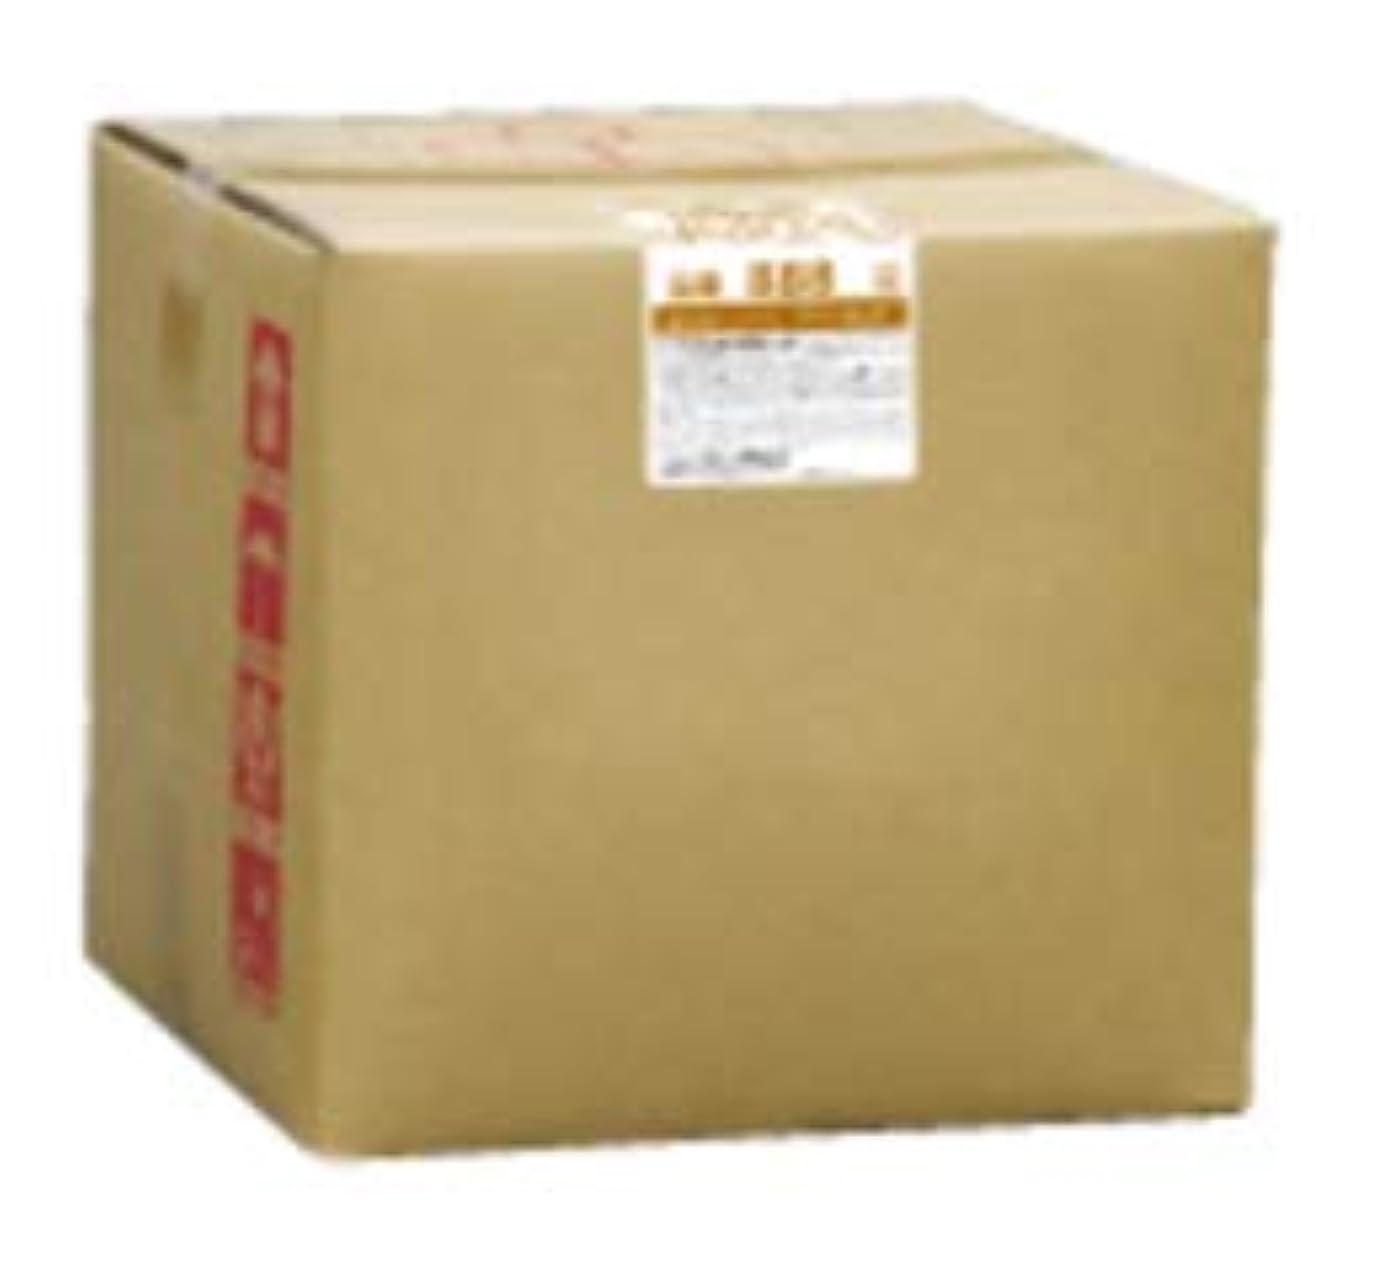 ゴールデンウイルス海港フタバ化学 スパジアス ボディソープ 18L 詰め替え 800ml専用空容器付 黒糖と蜂蜜